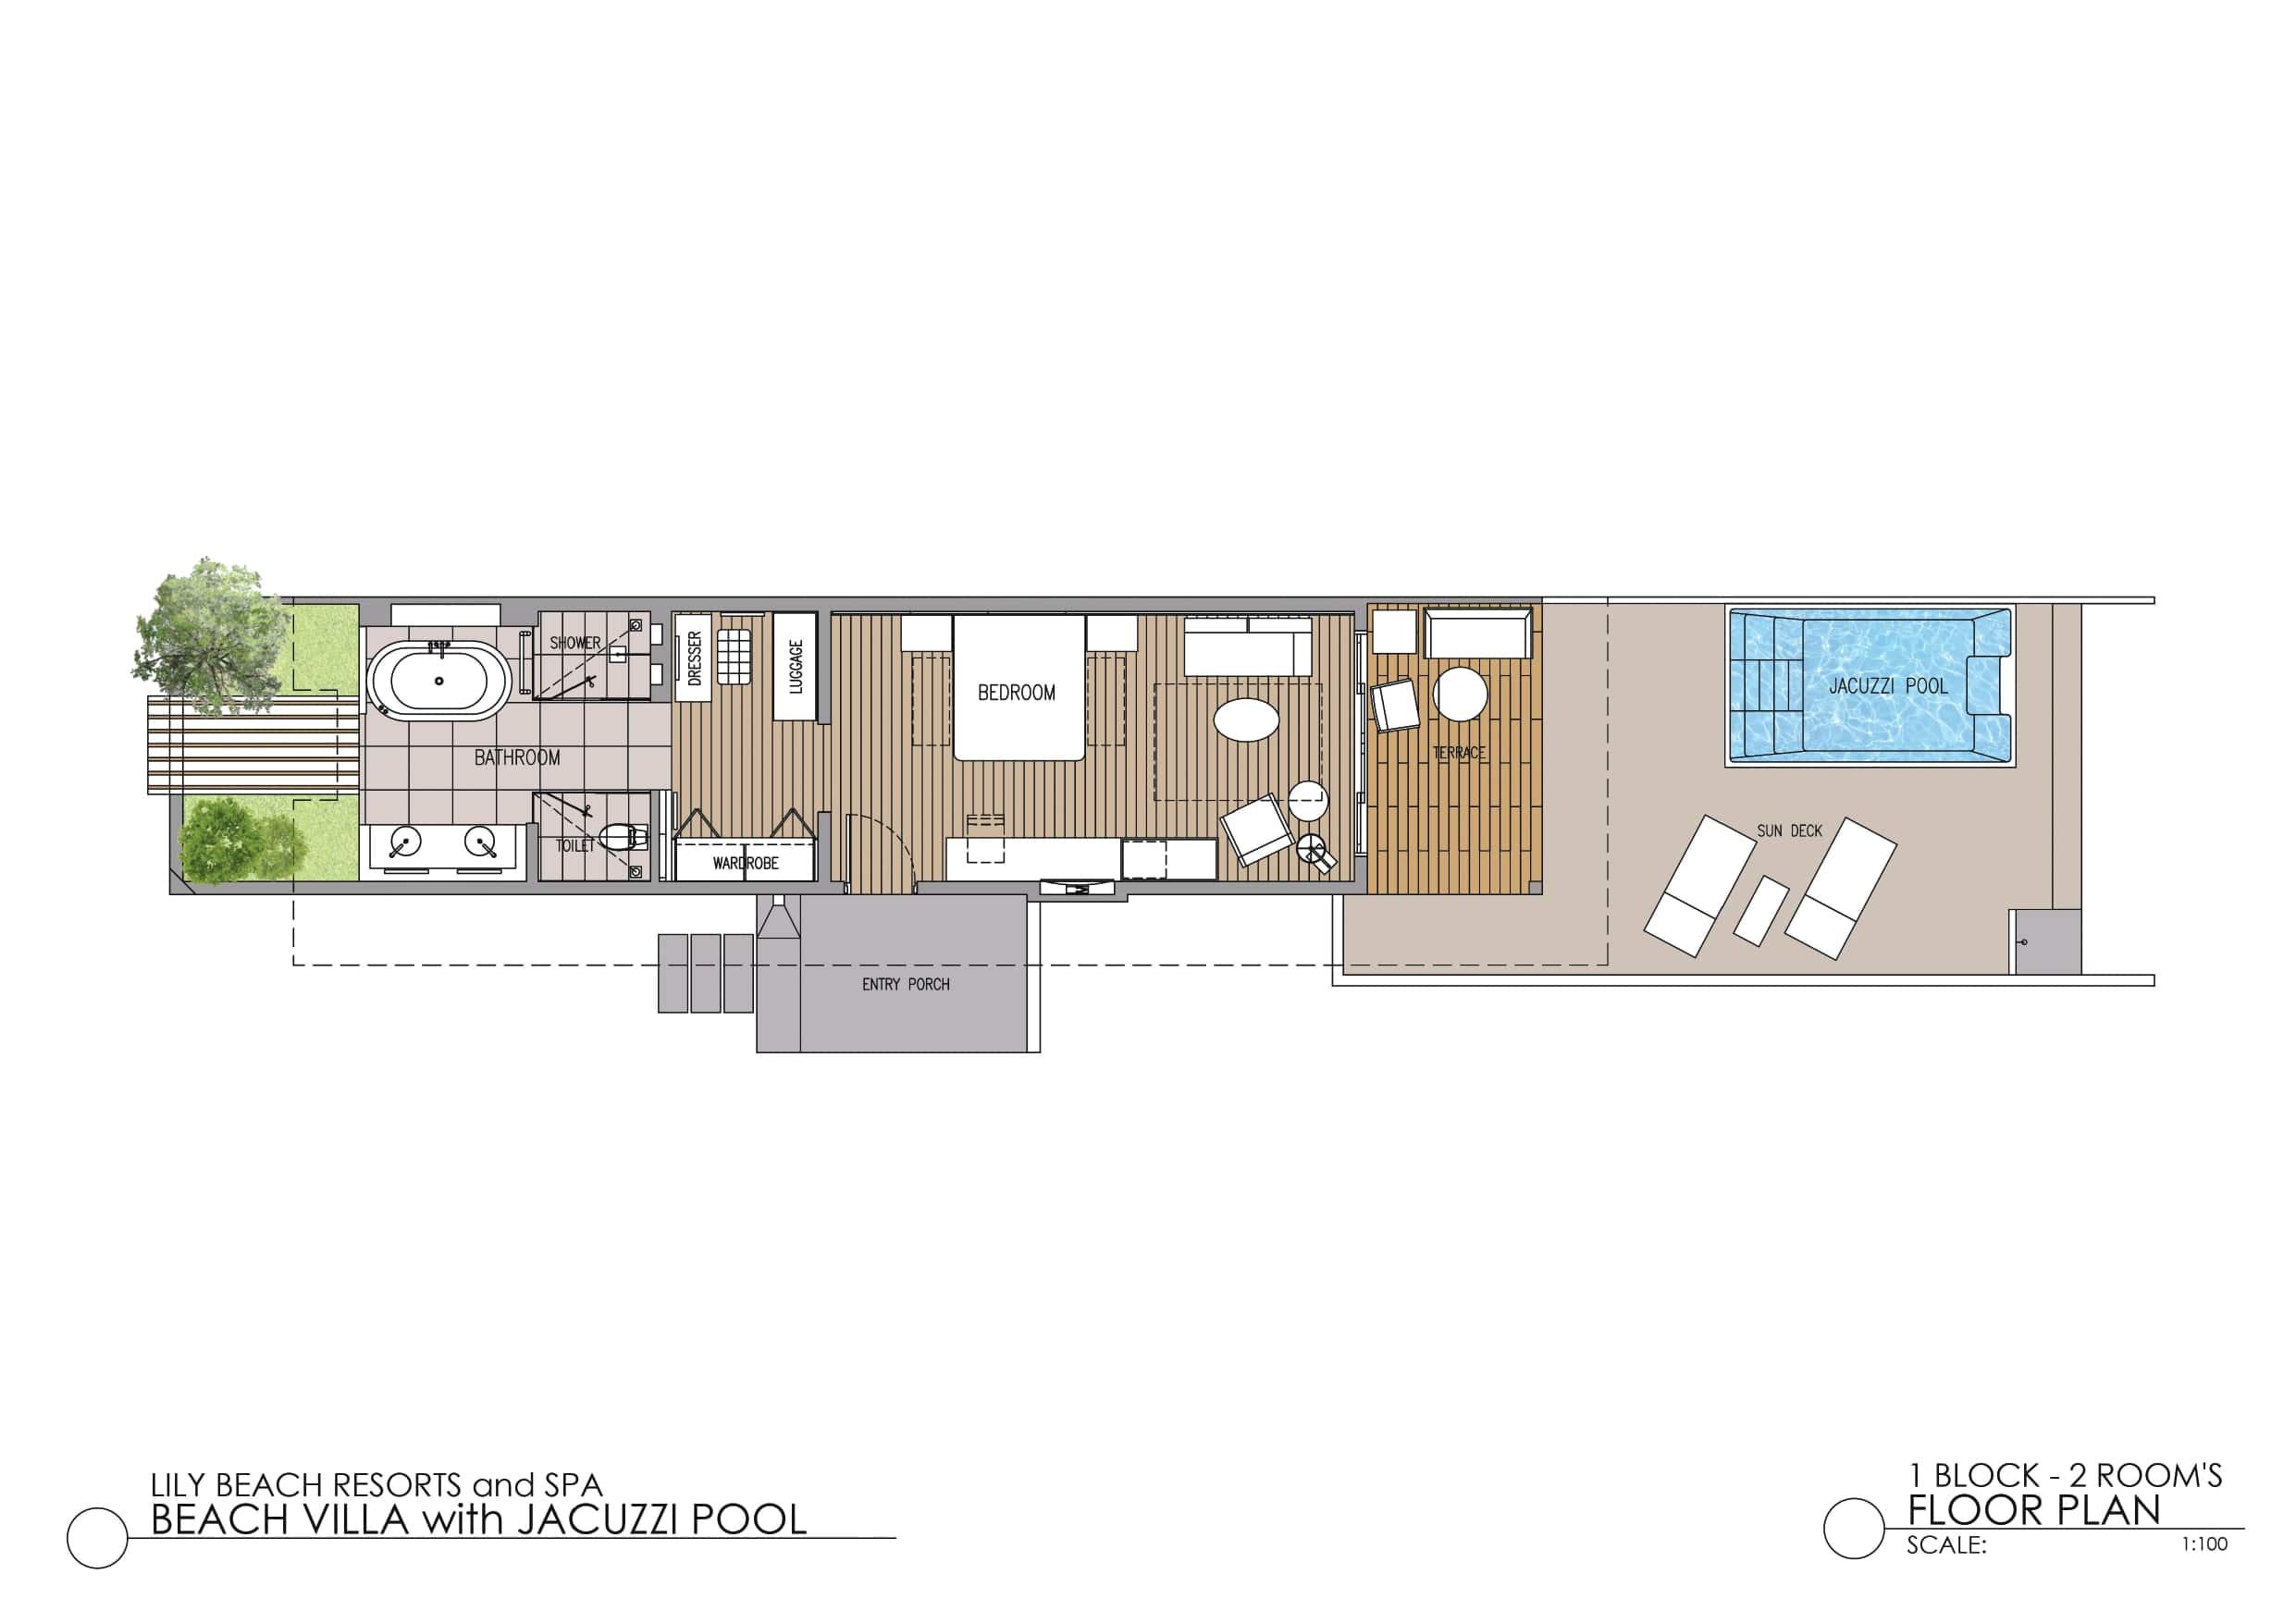 Мальдивы, отель Lily Beach Resort, план-схема номера Beach Suite with Jacuzzi